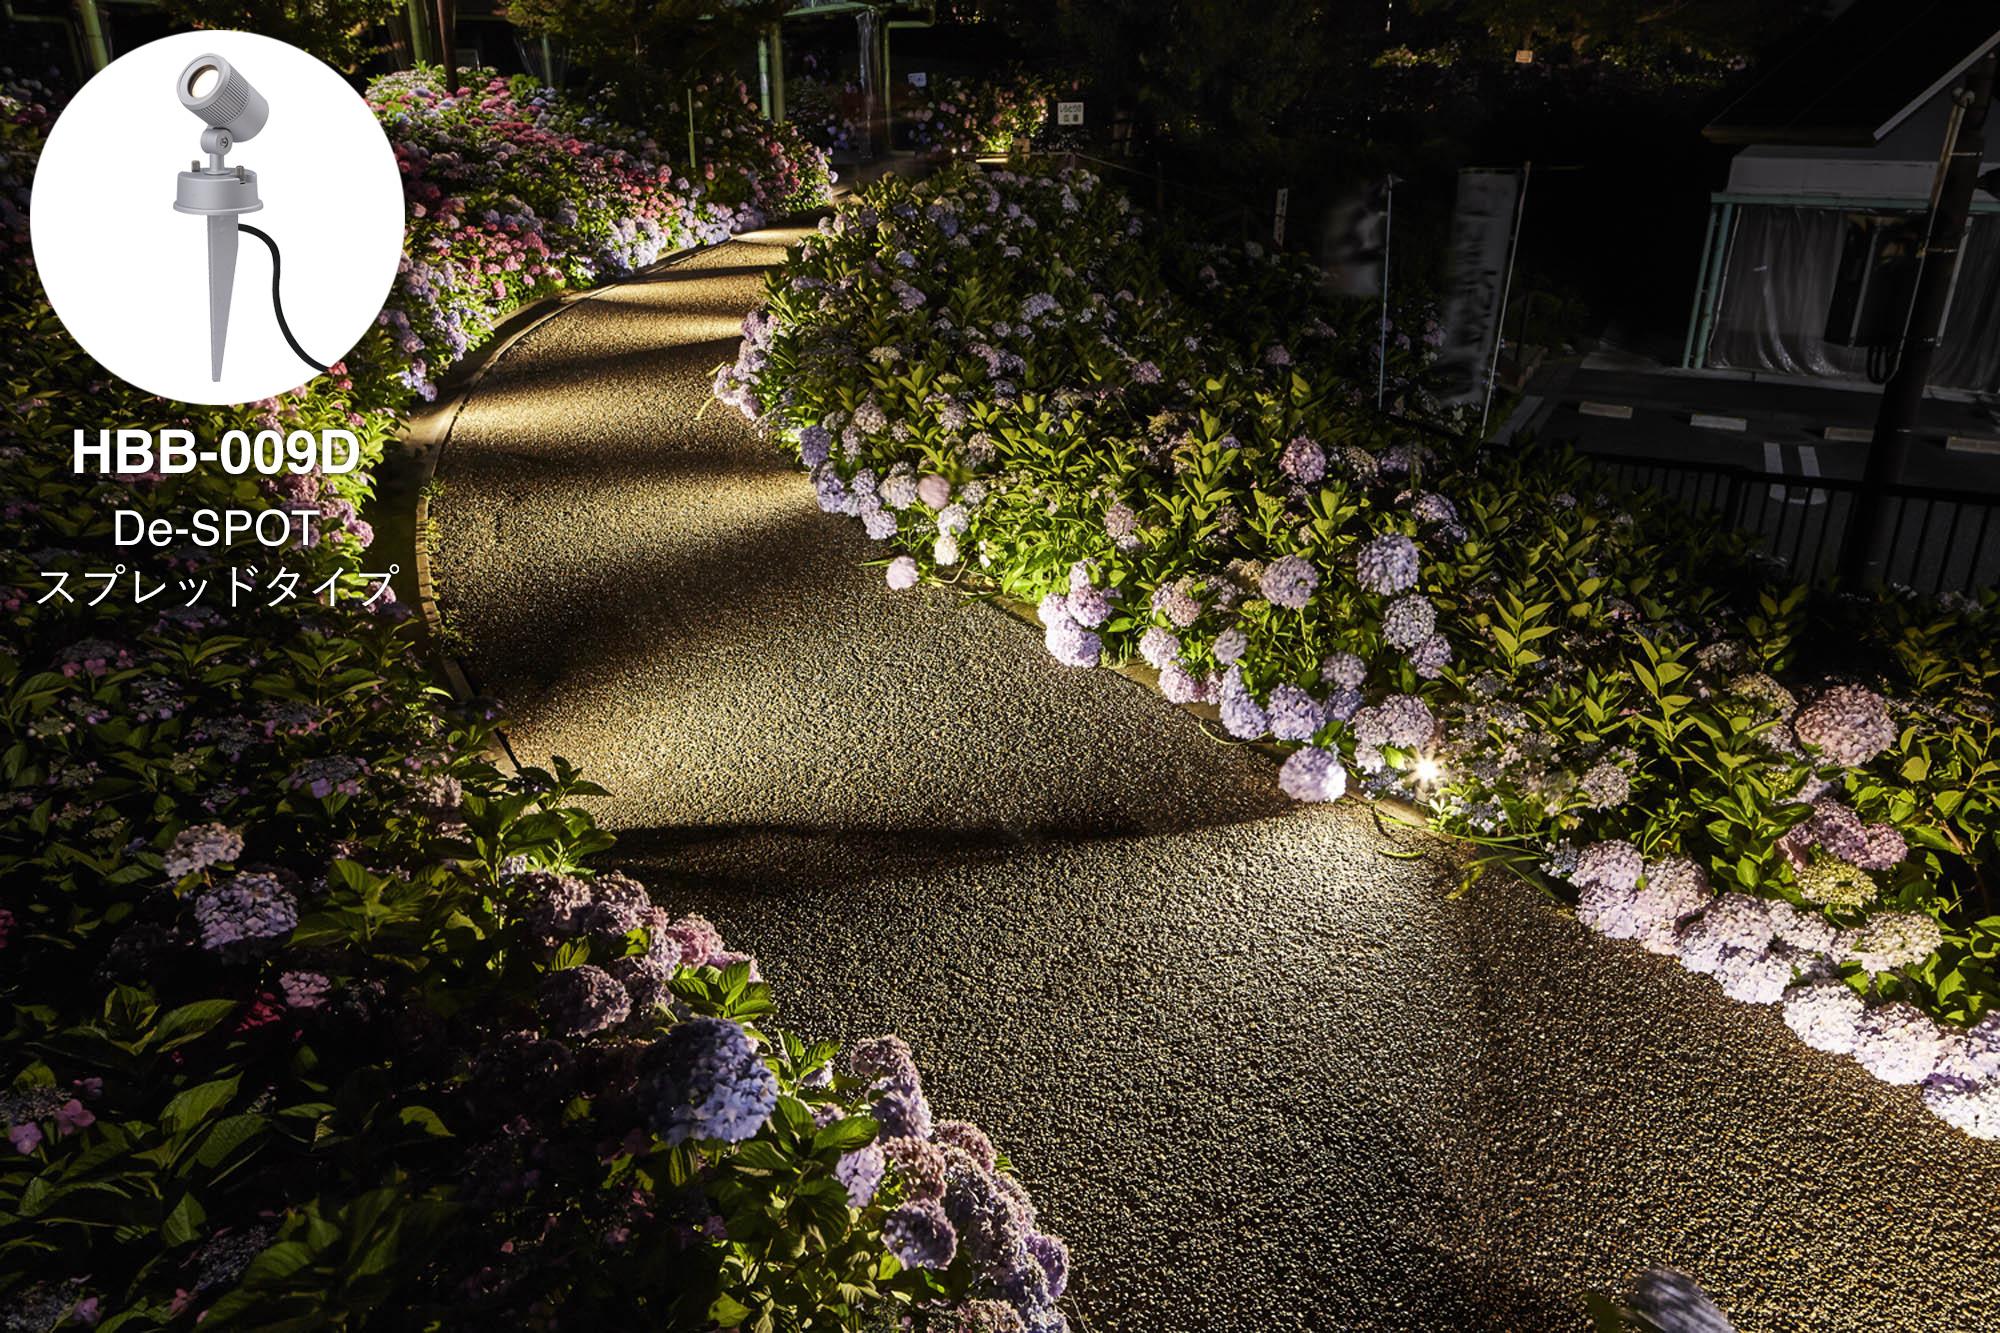 歩道の両側に植えられたアジサイをライトアップしている写真と使用商品